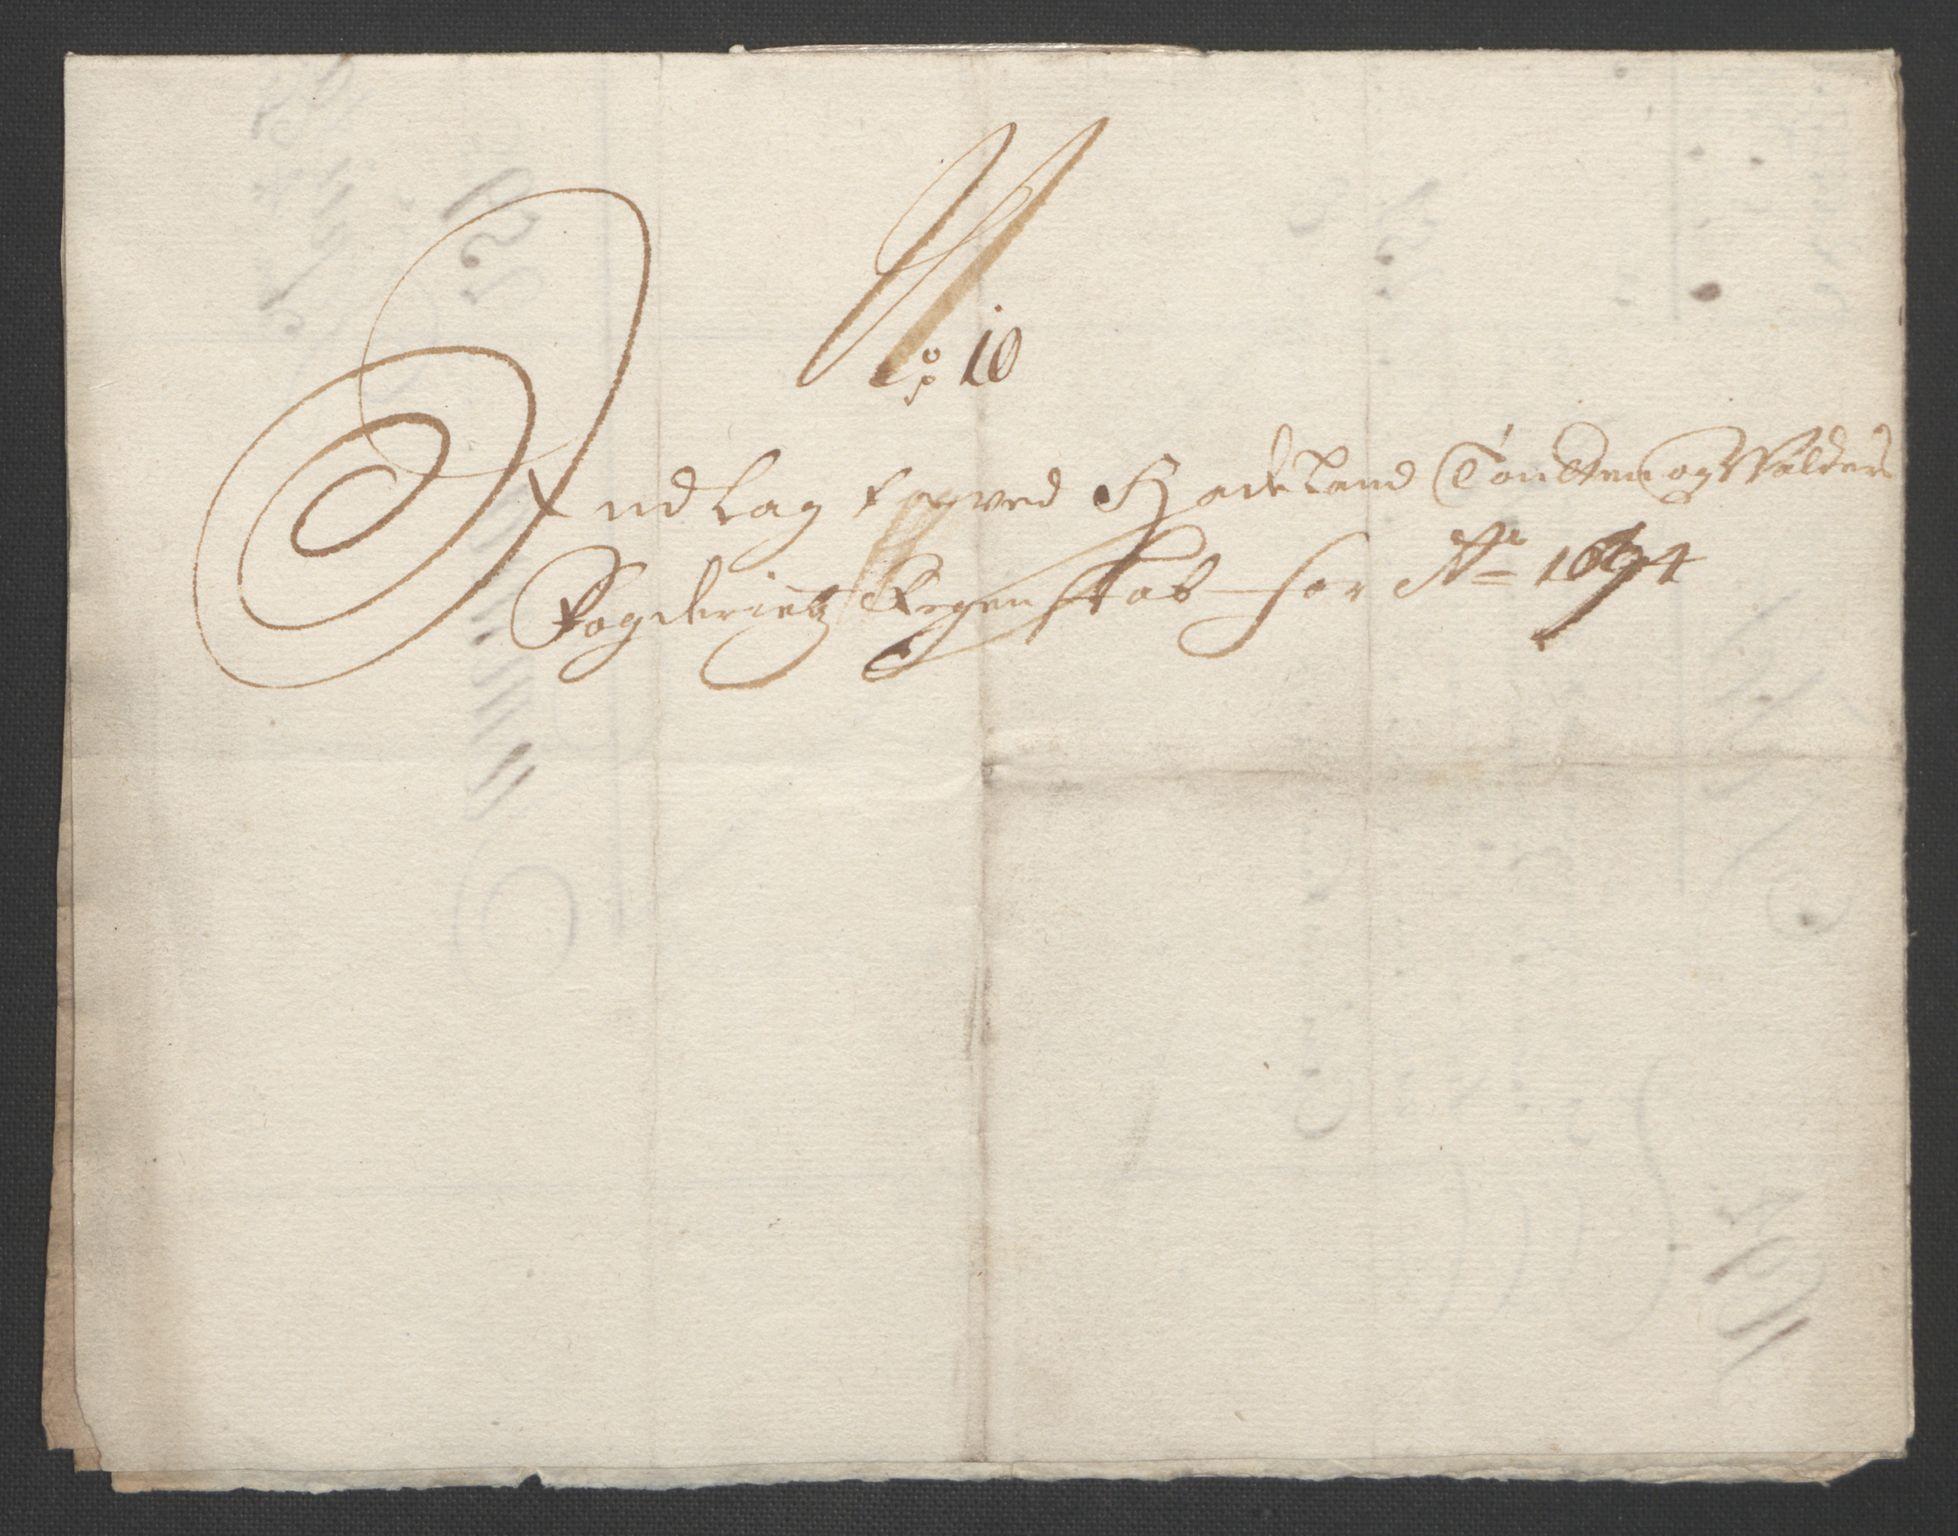 RA, Rentekammeret inntil 1814, Reviderte regnskaper, Fogderegnskap, R18/L1292: Fogderegnskap Hadeland, Toten og Valdres, 1693-1694, s. 414